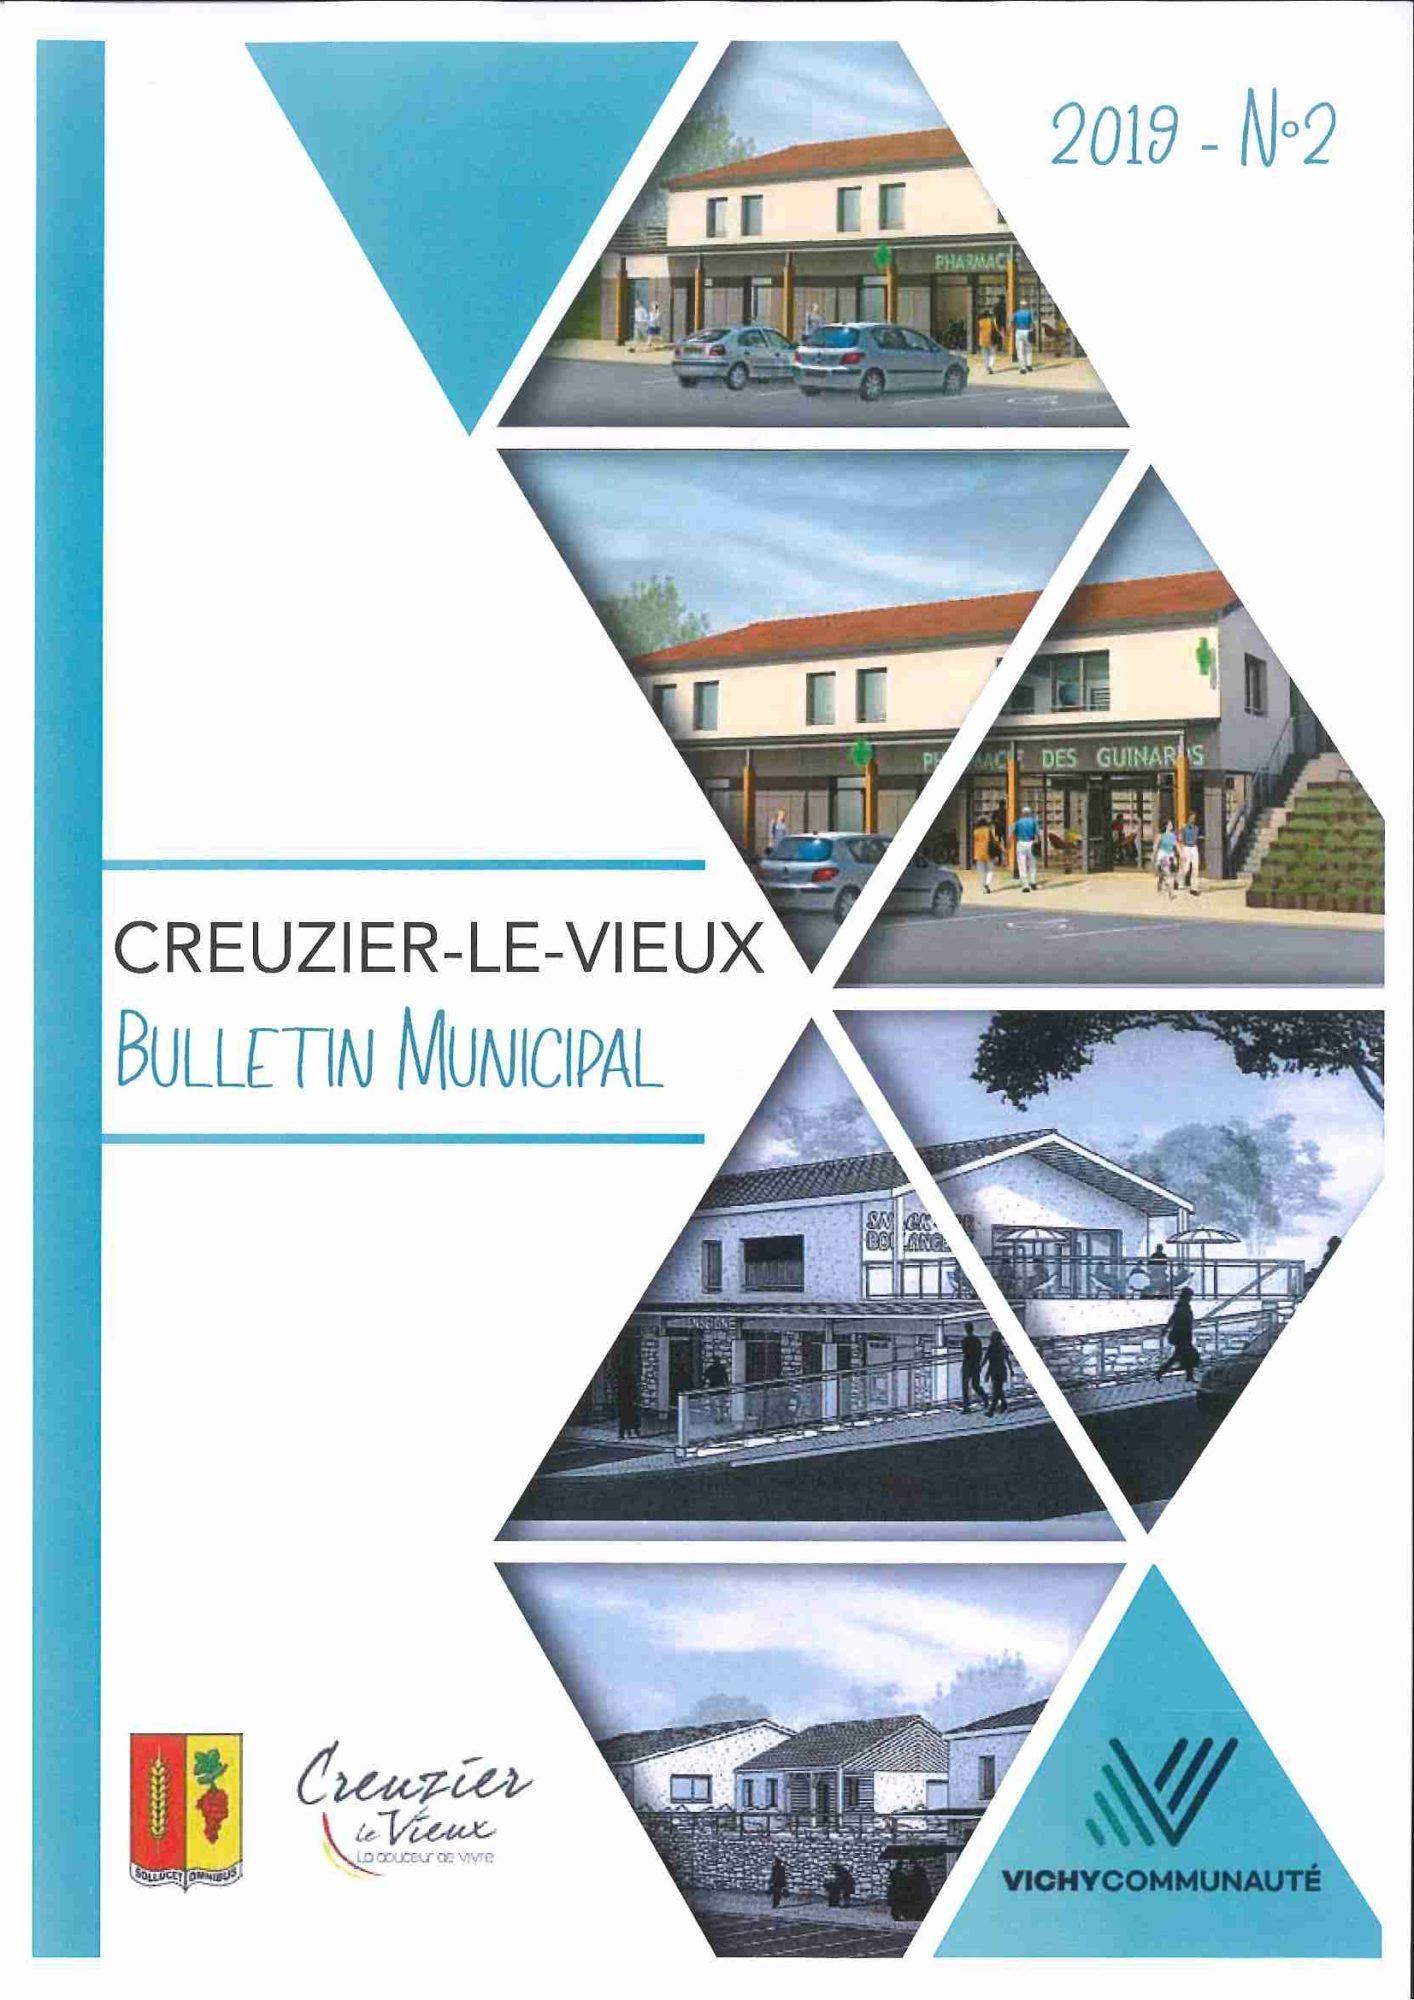 https://www.creuzier-le-vieux.com/wp-content/uploads/2019/08/BM-2-2019-juillet-2019.pdf